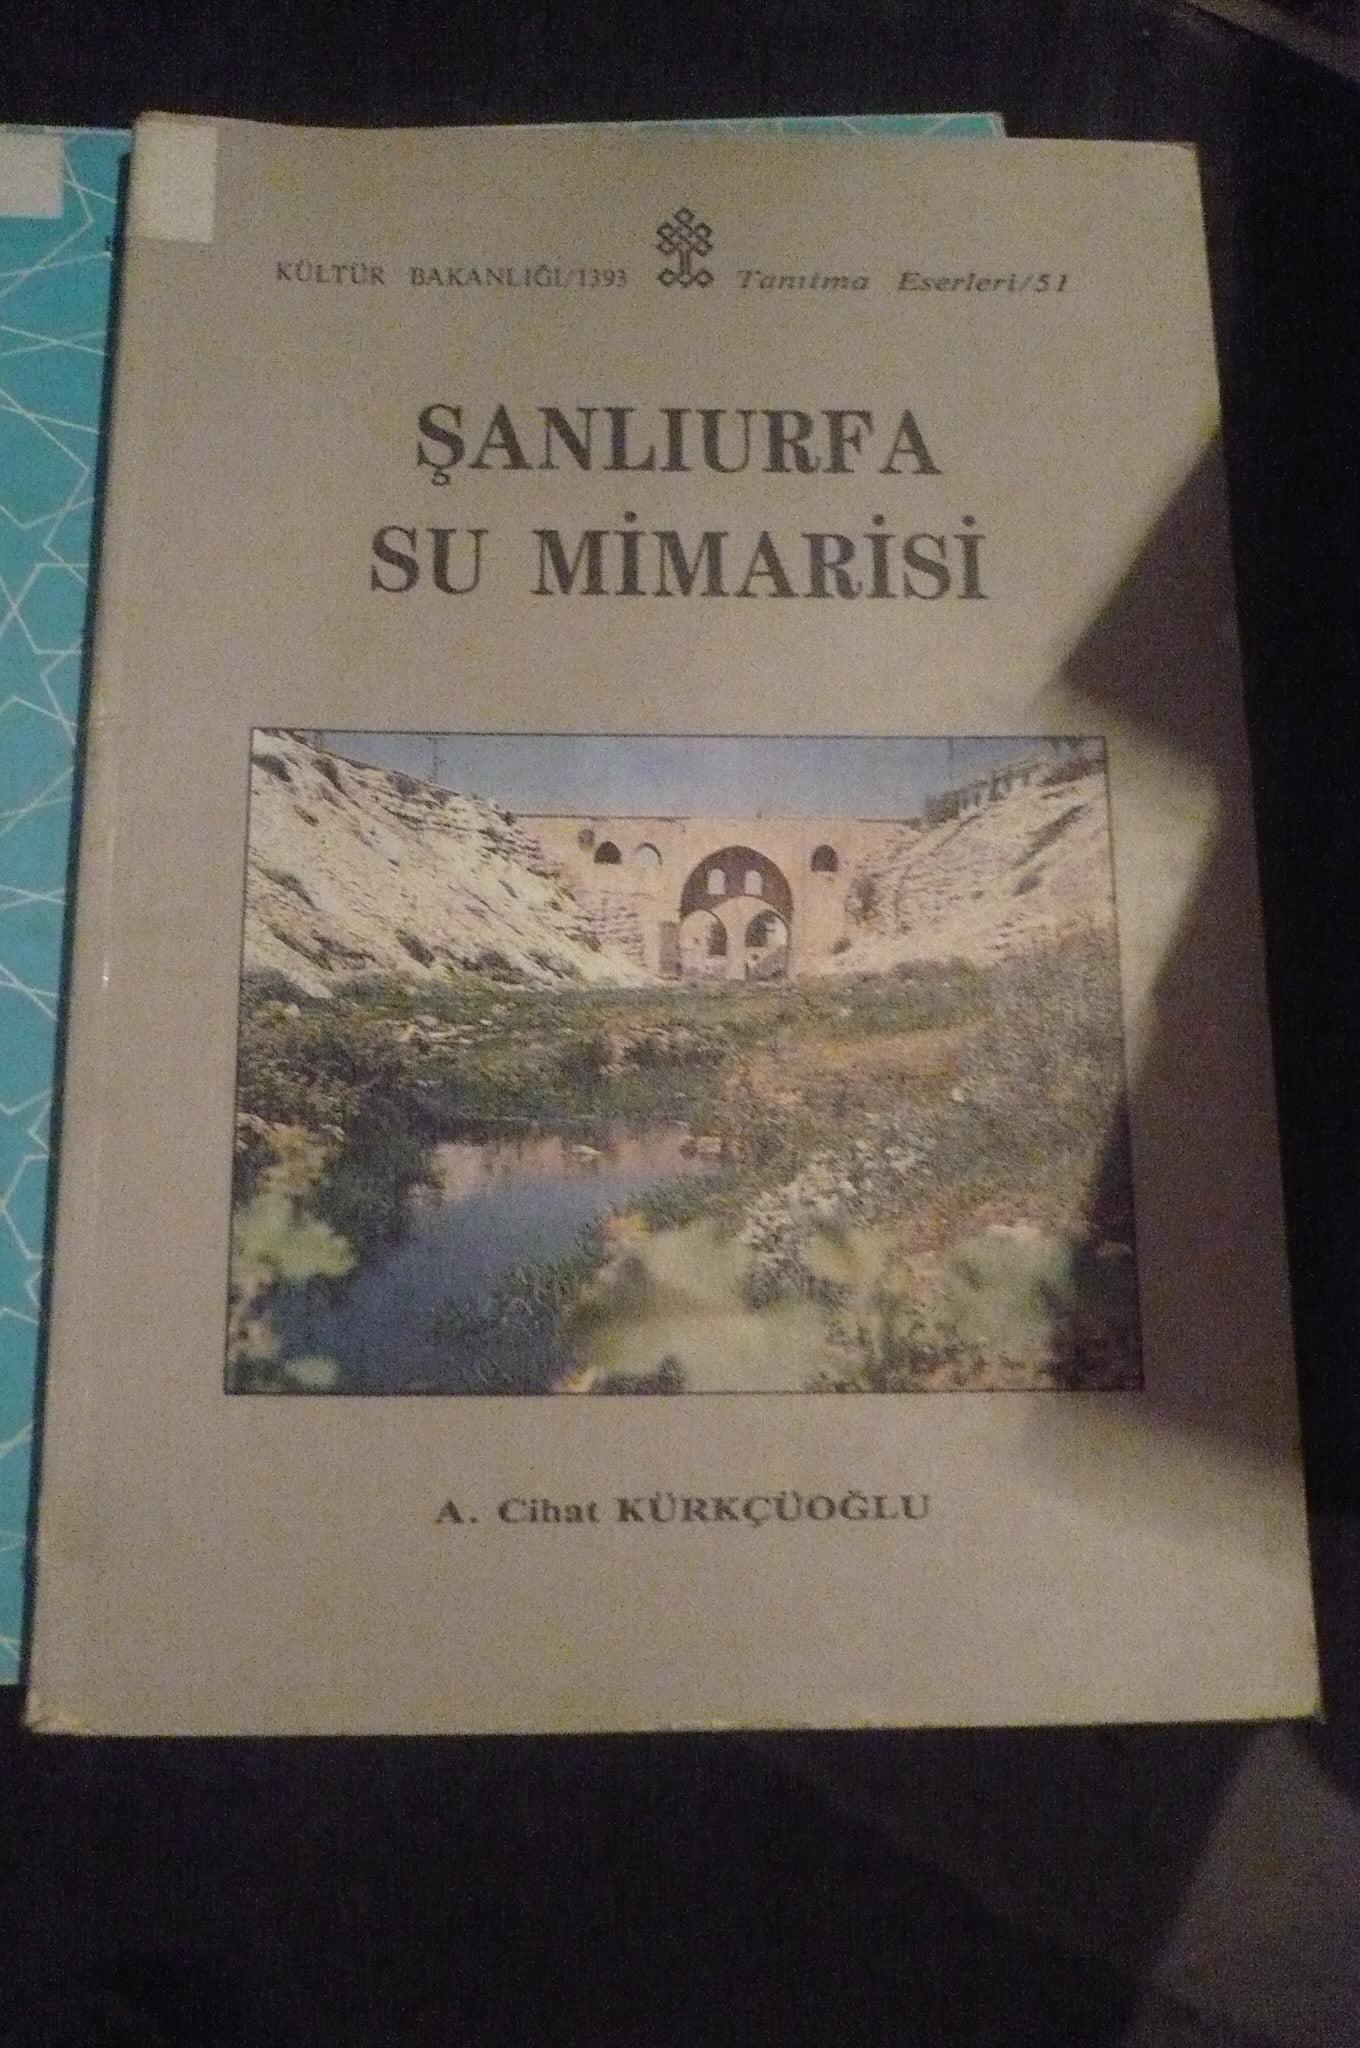 ŞANLIURFA SU MİMARİSİ/A.Cihat Kürkçüoğlu/ 15 tl